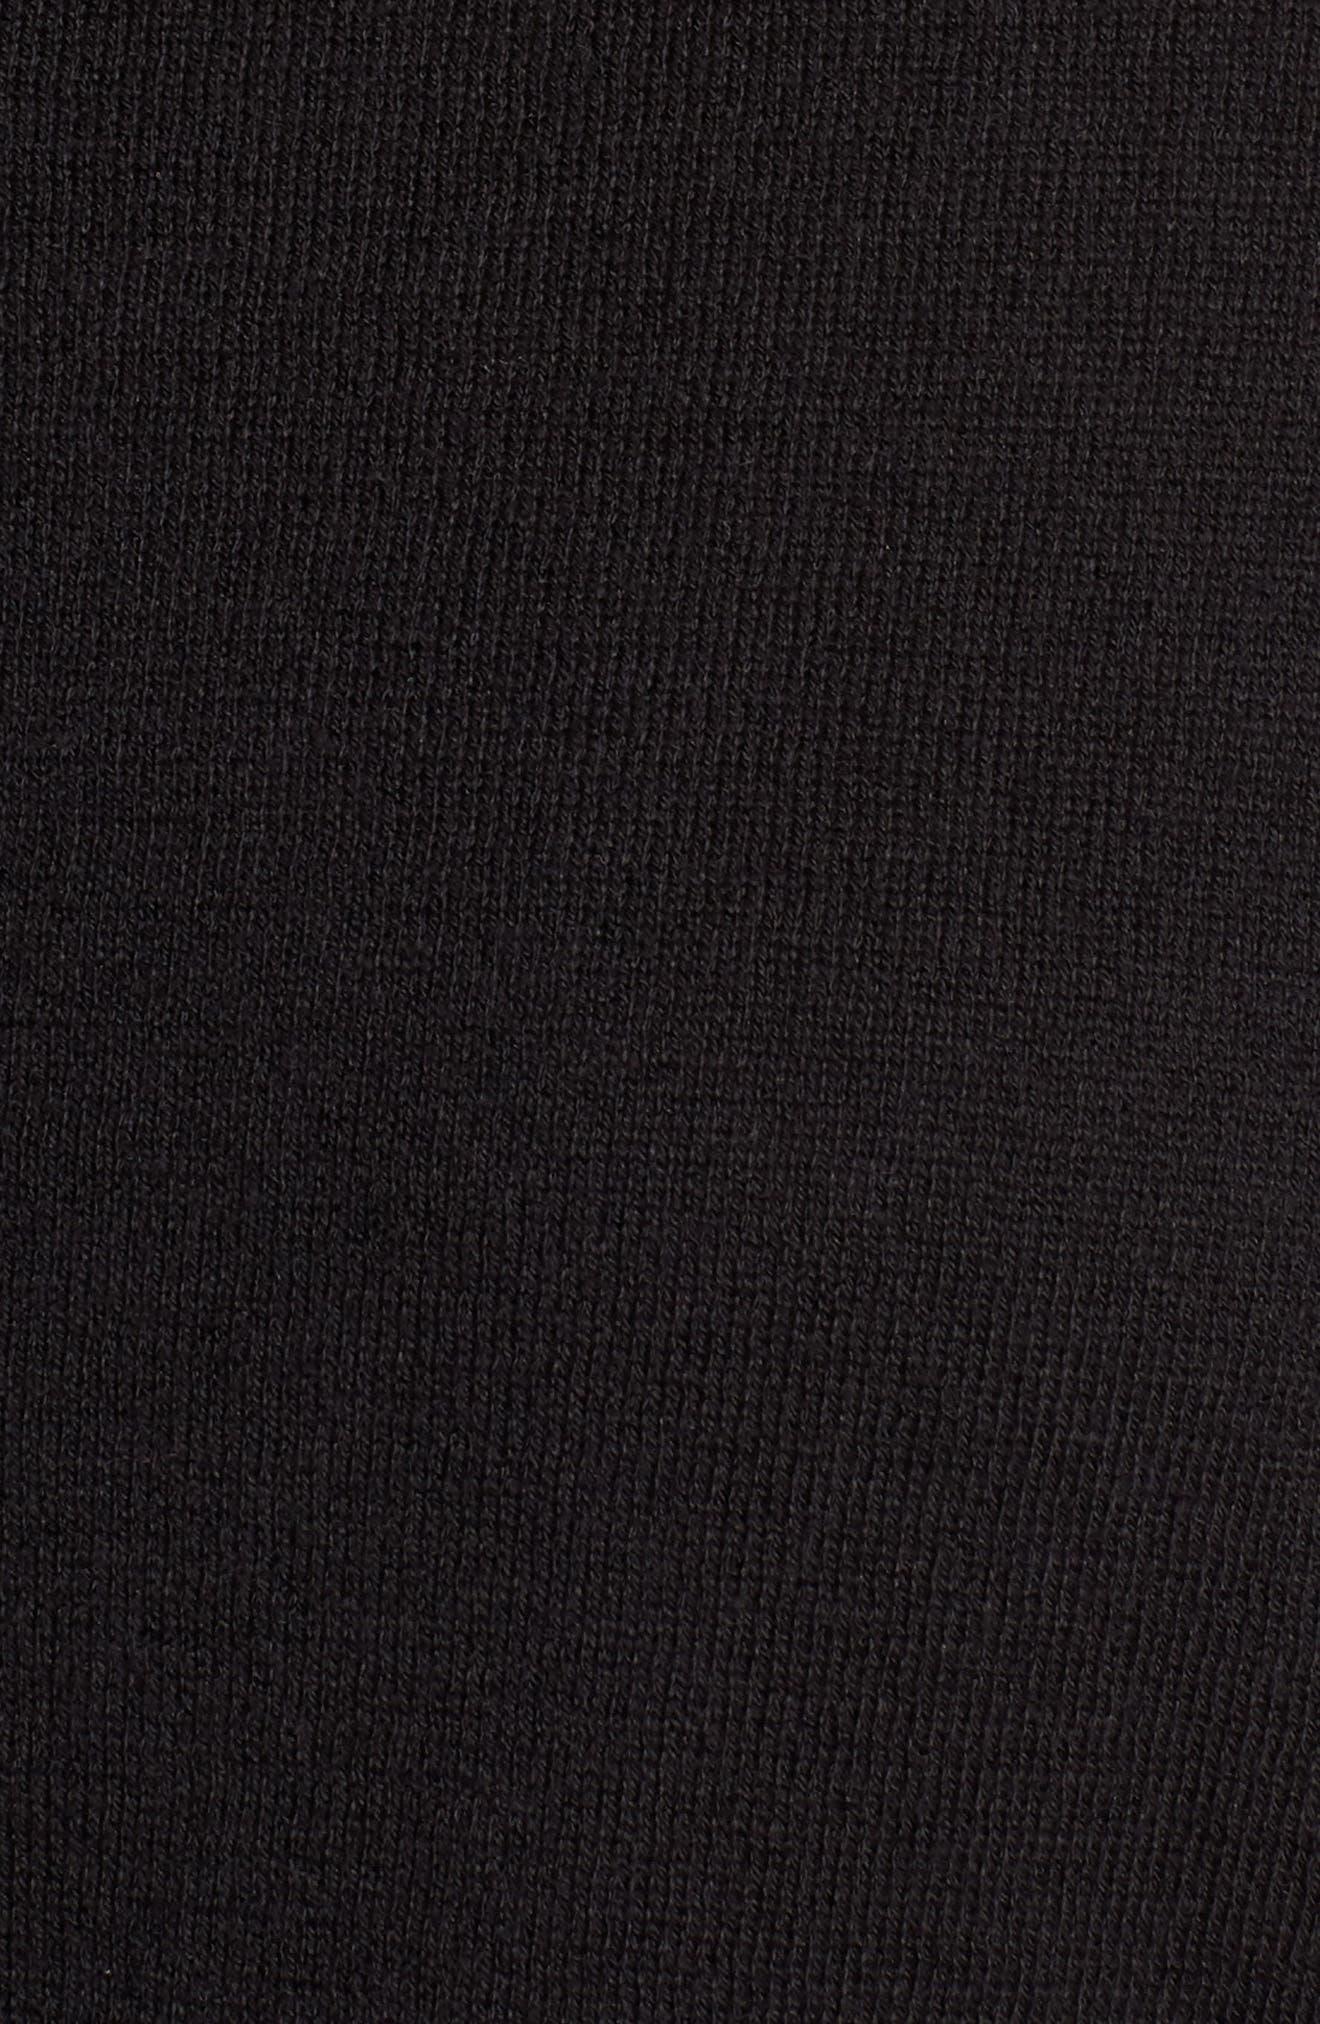 Cotton Blend Cardigan,                             Alternate thumbnail 6, color,                             001